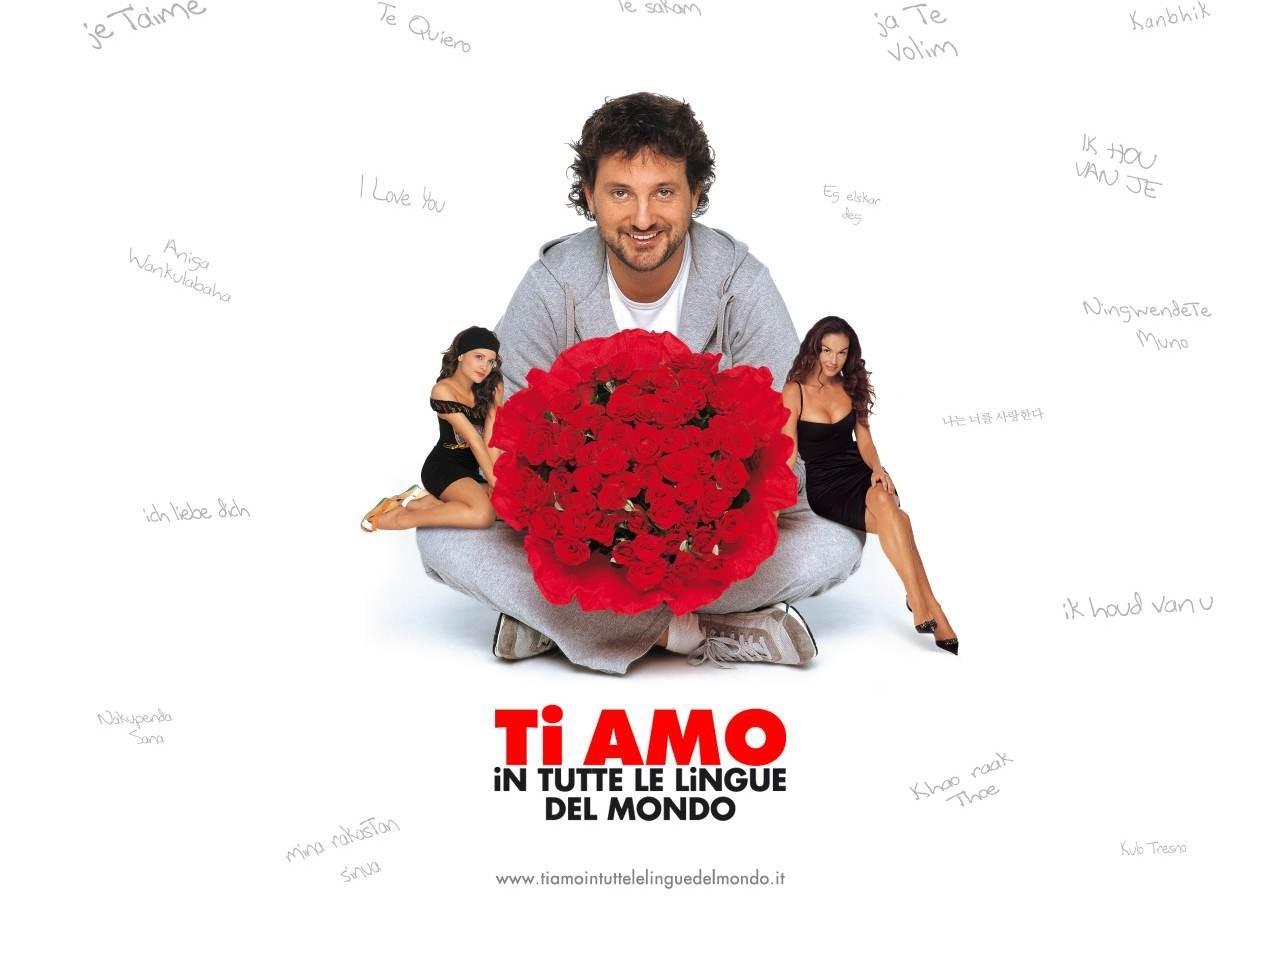 Wallpaper del film Ti amo in tutte le lingue del mondo con Pieraccioni